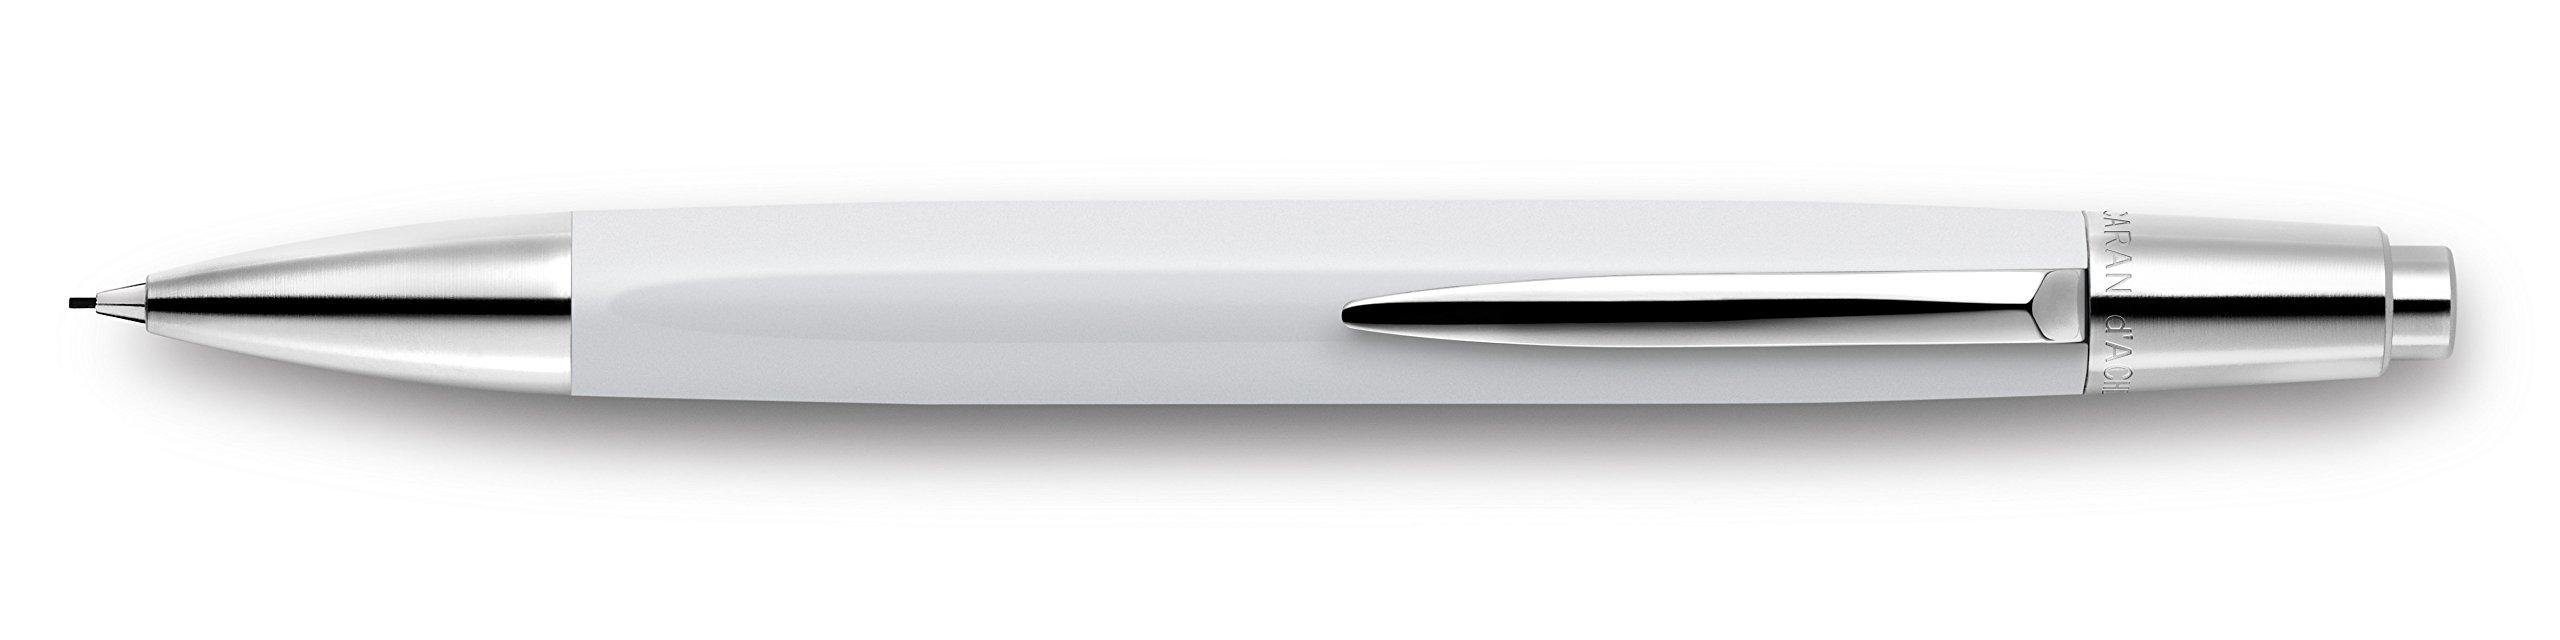 Caran D'ache Alchemix Mechanical Pencil - White (4860.001) by Caran d'Ache (Image #1)